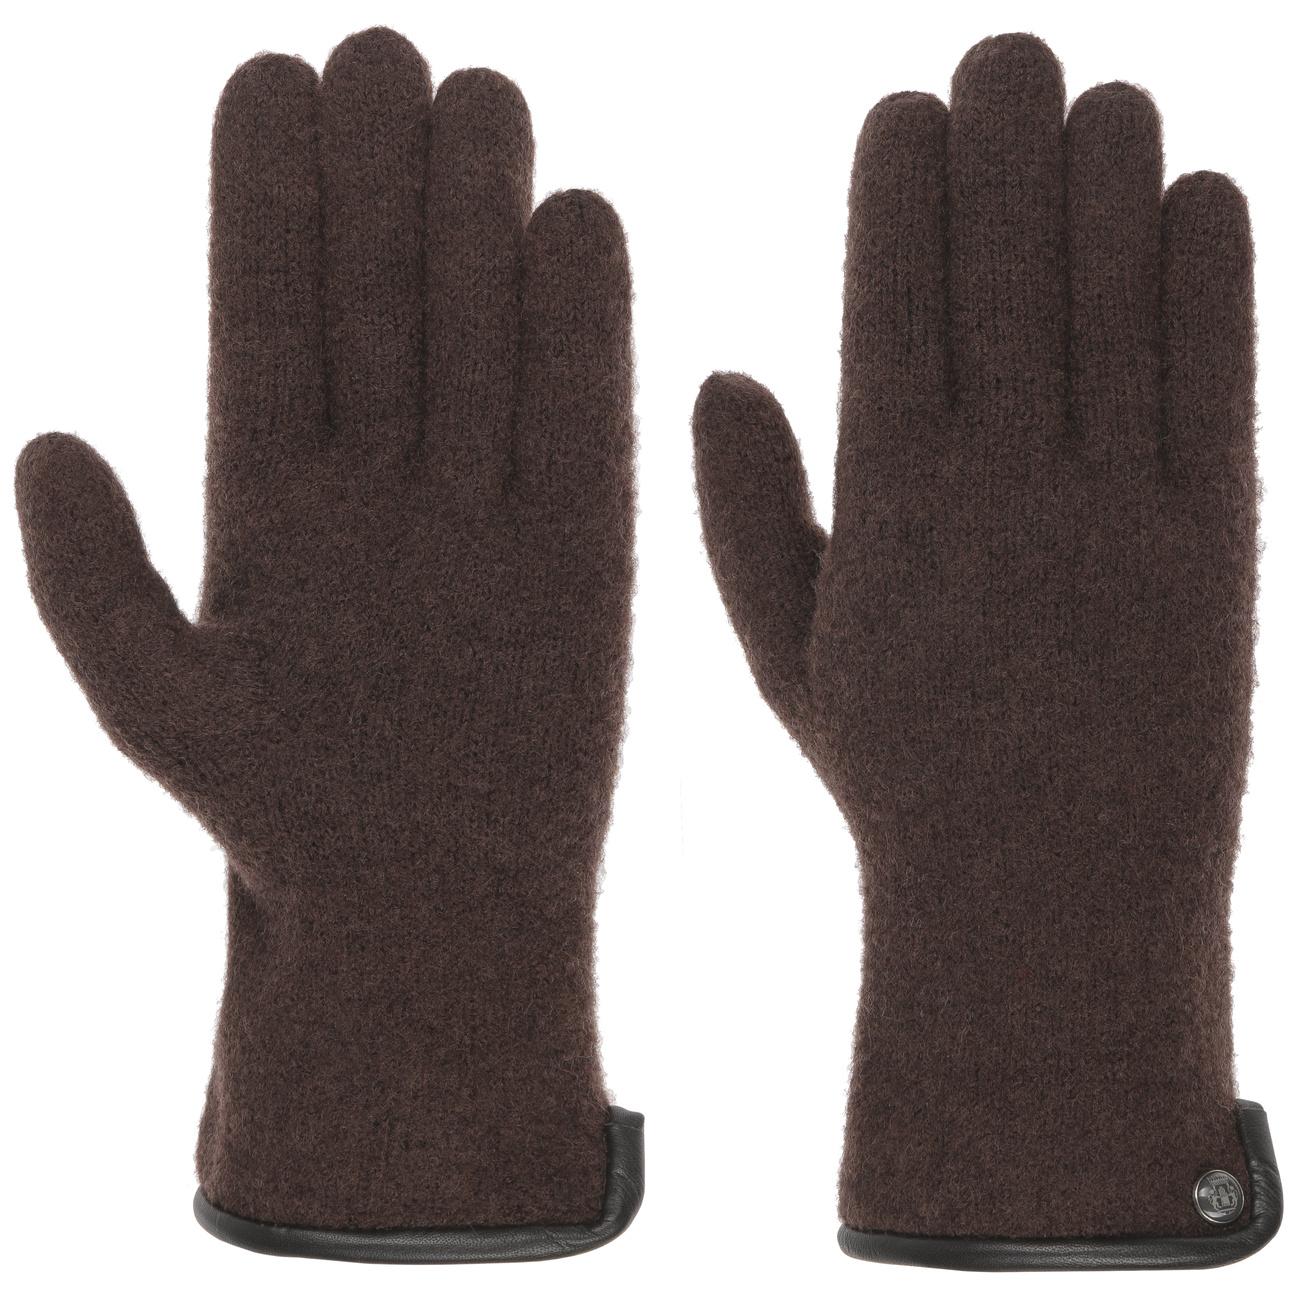 gants en laine foul e avec cuir by roeckl eur 49 90 chapeaux casquettes et bonnets en. Black Bedroom Furniture Sets. Home Design Ideas